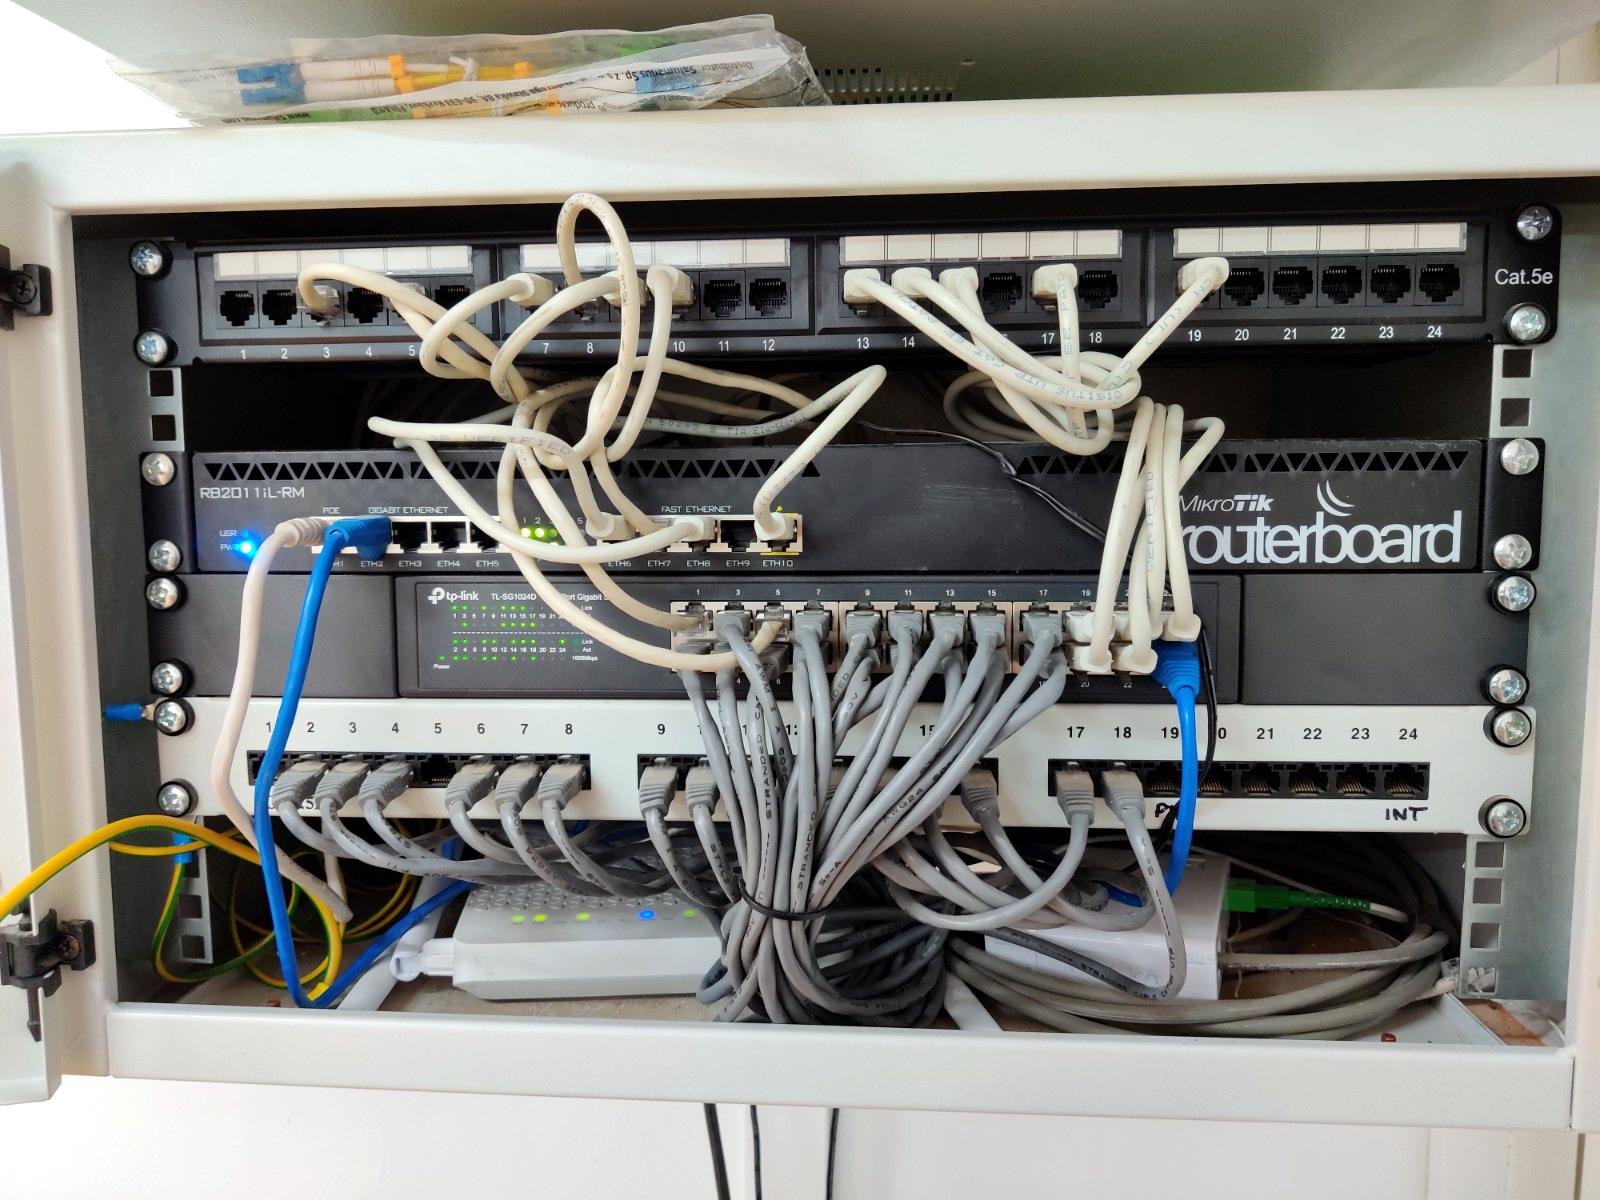 Pracownia terminalowa vCloudPoint w SP Stanowice